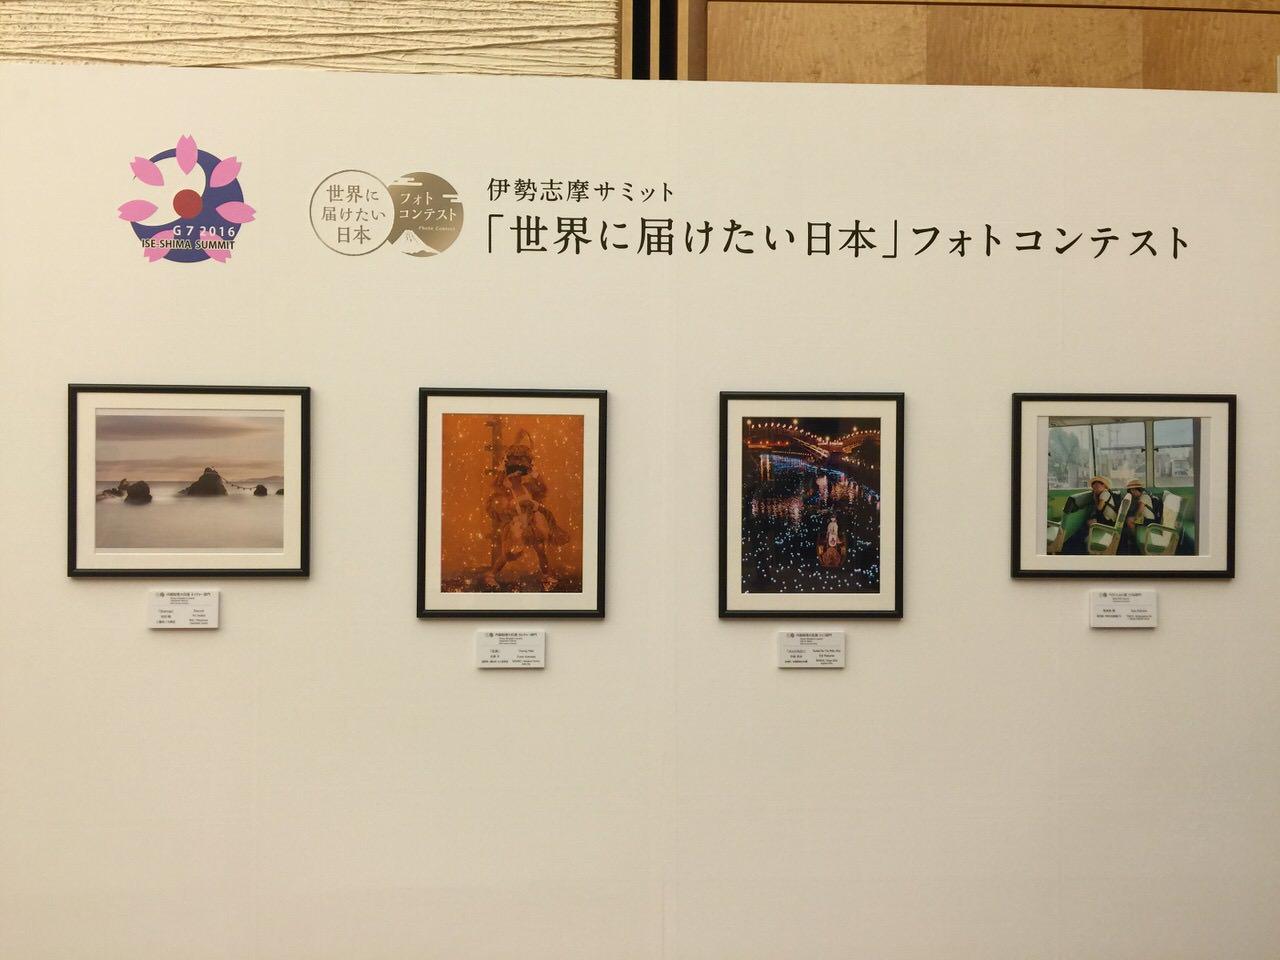 Ise shima photo contest 2455